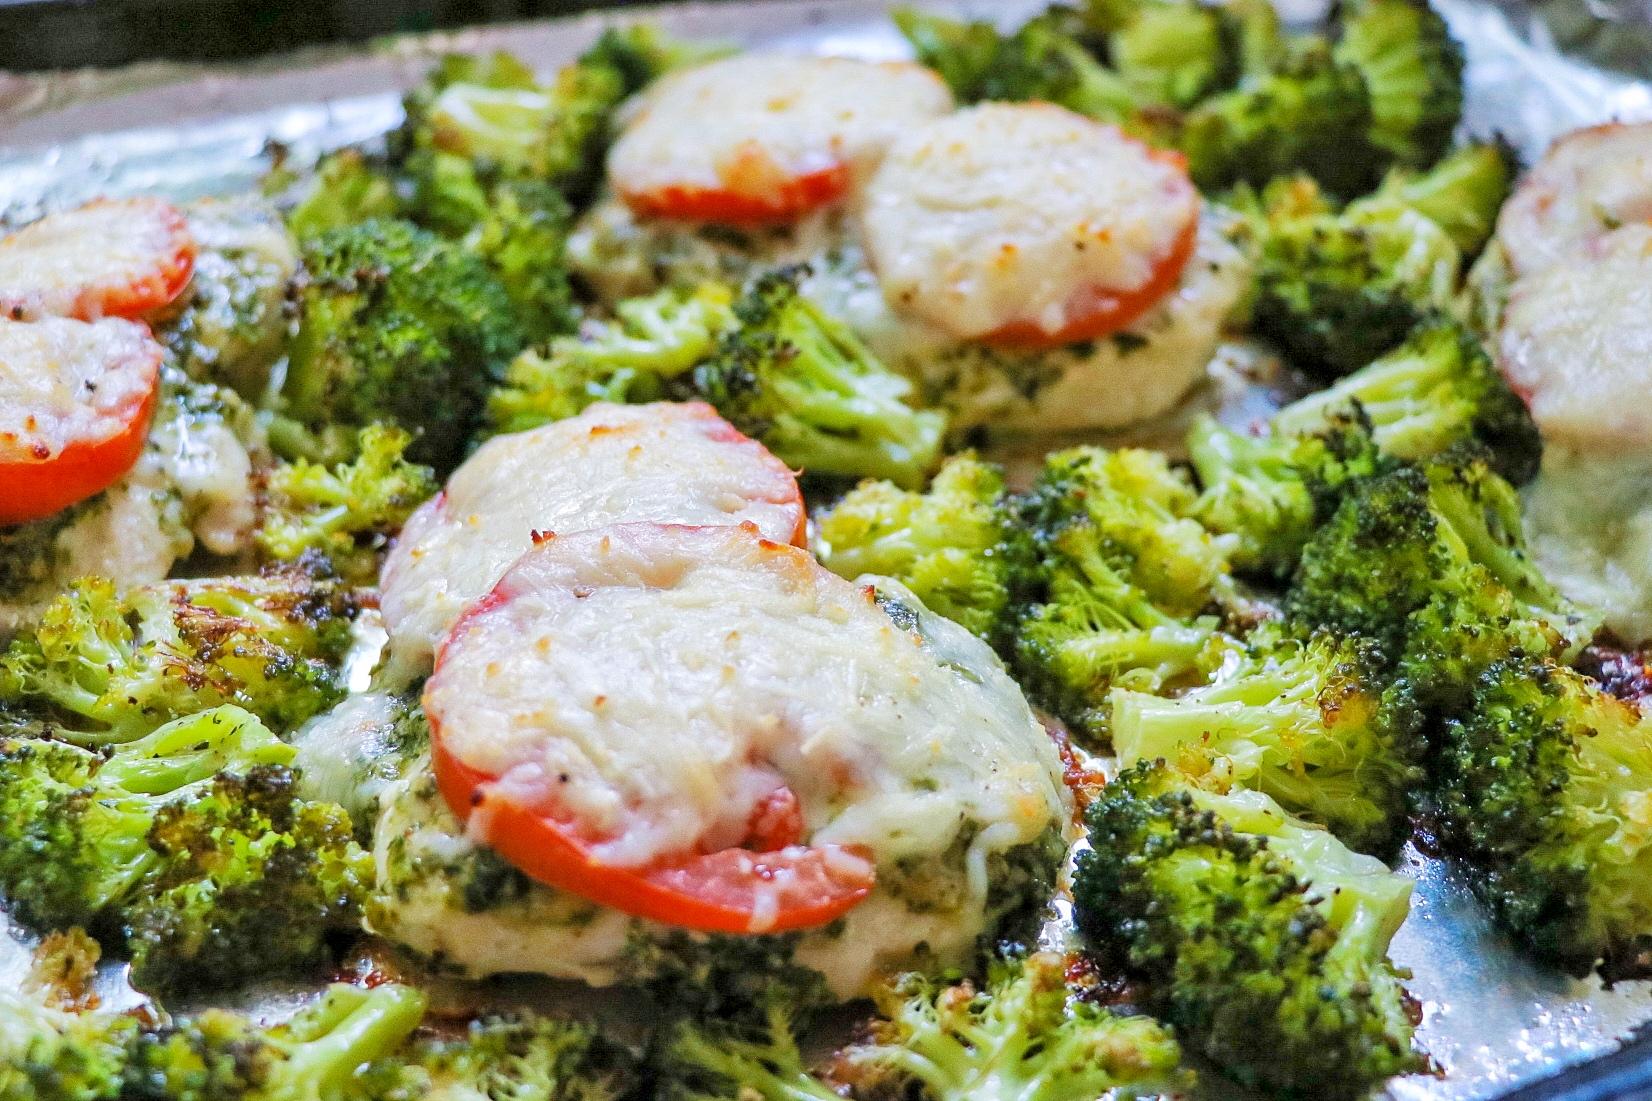 Sheet Pan Chicken with Mozzarella, Pesto, and Broccoli